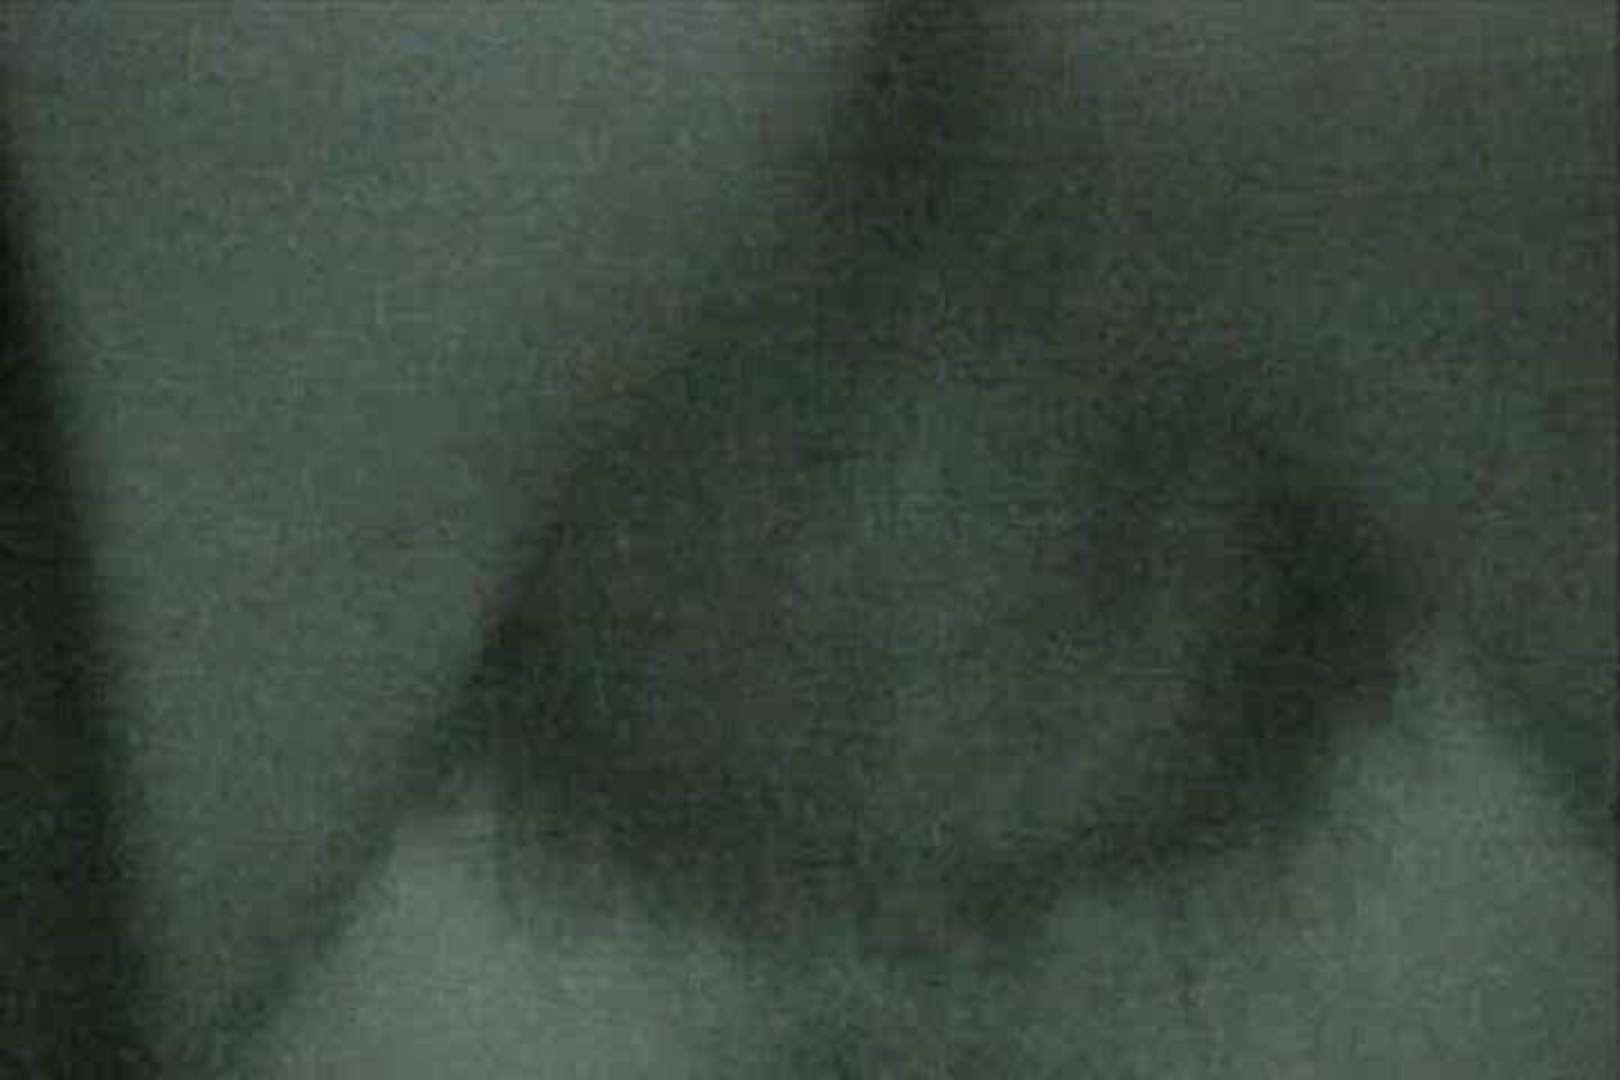 蔵出し!!赤外線カーセックスVol.2 カーセックス エロ画像 72画像 23